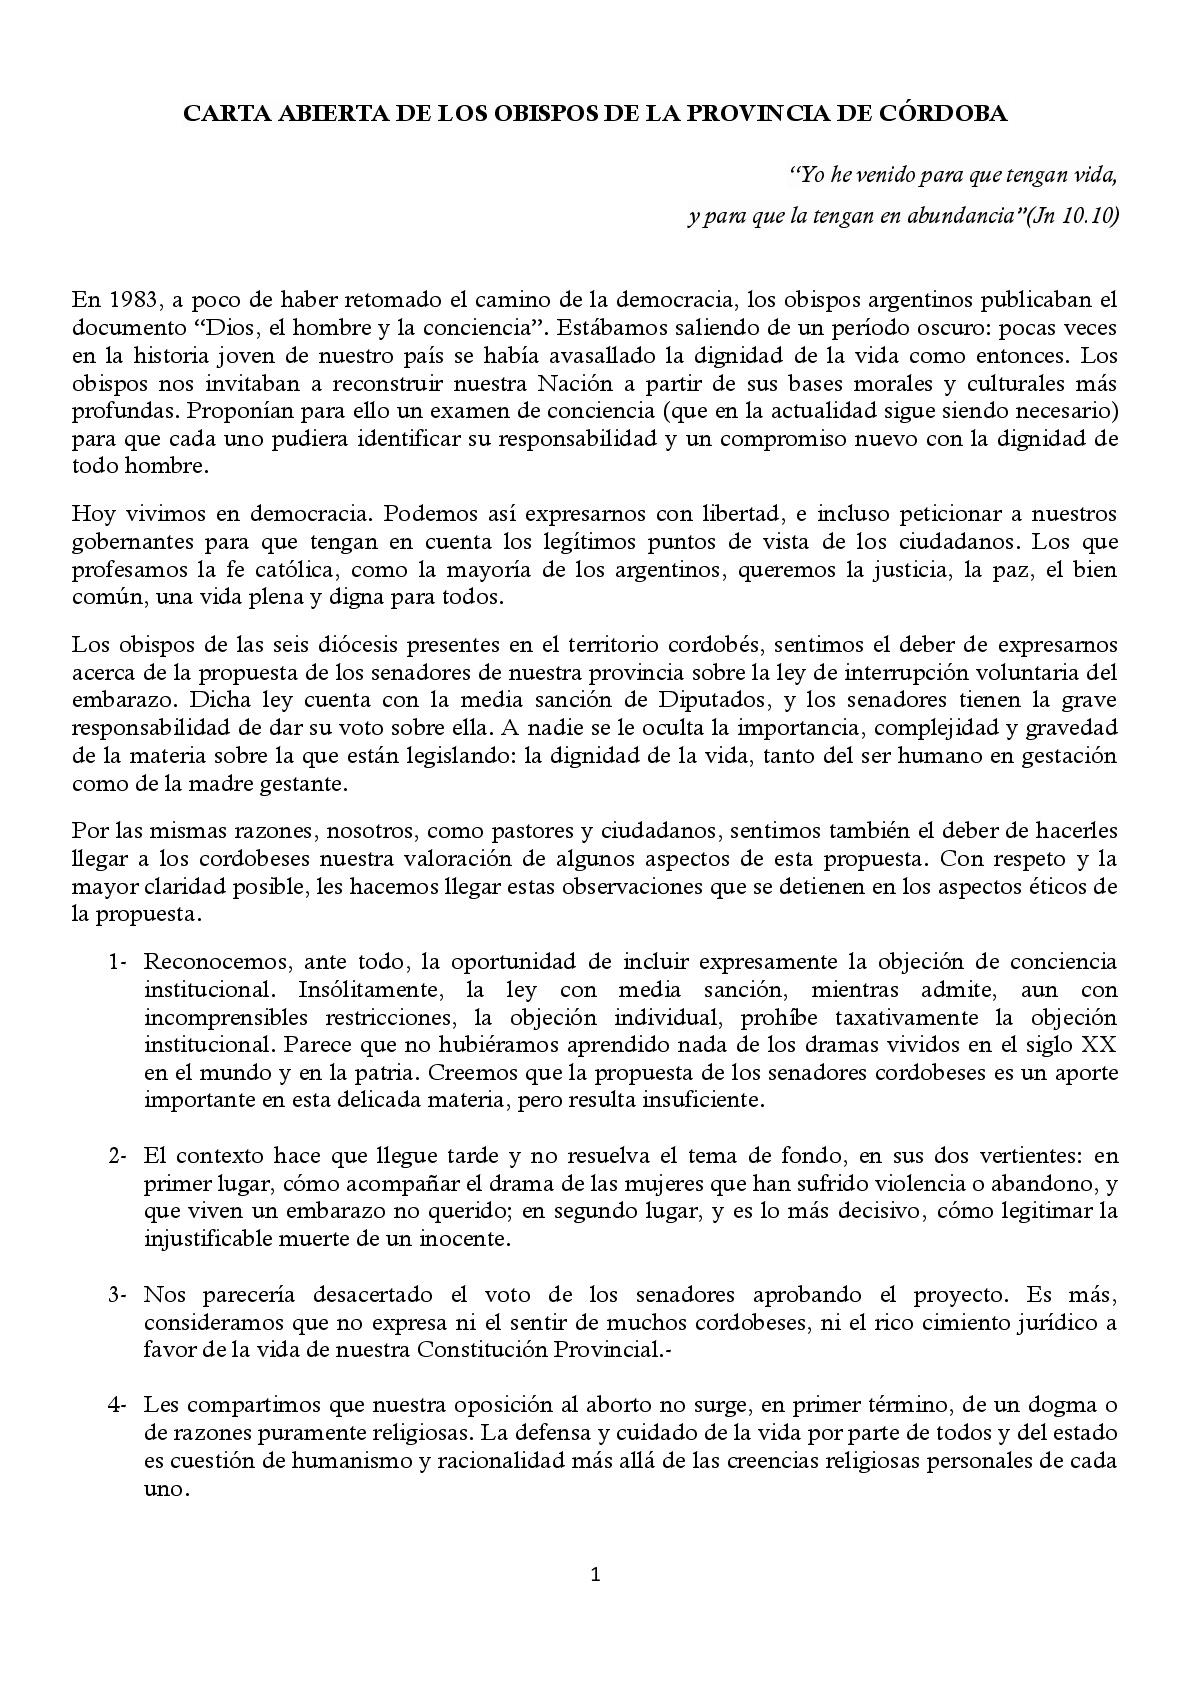 CARTA-ABIERTA-DE-LOS-OBISPOS-DE-LA-PROVINCIA-DE-CORDOBA-2-001